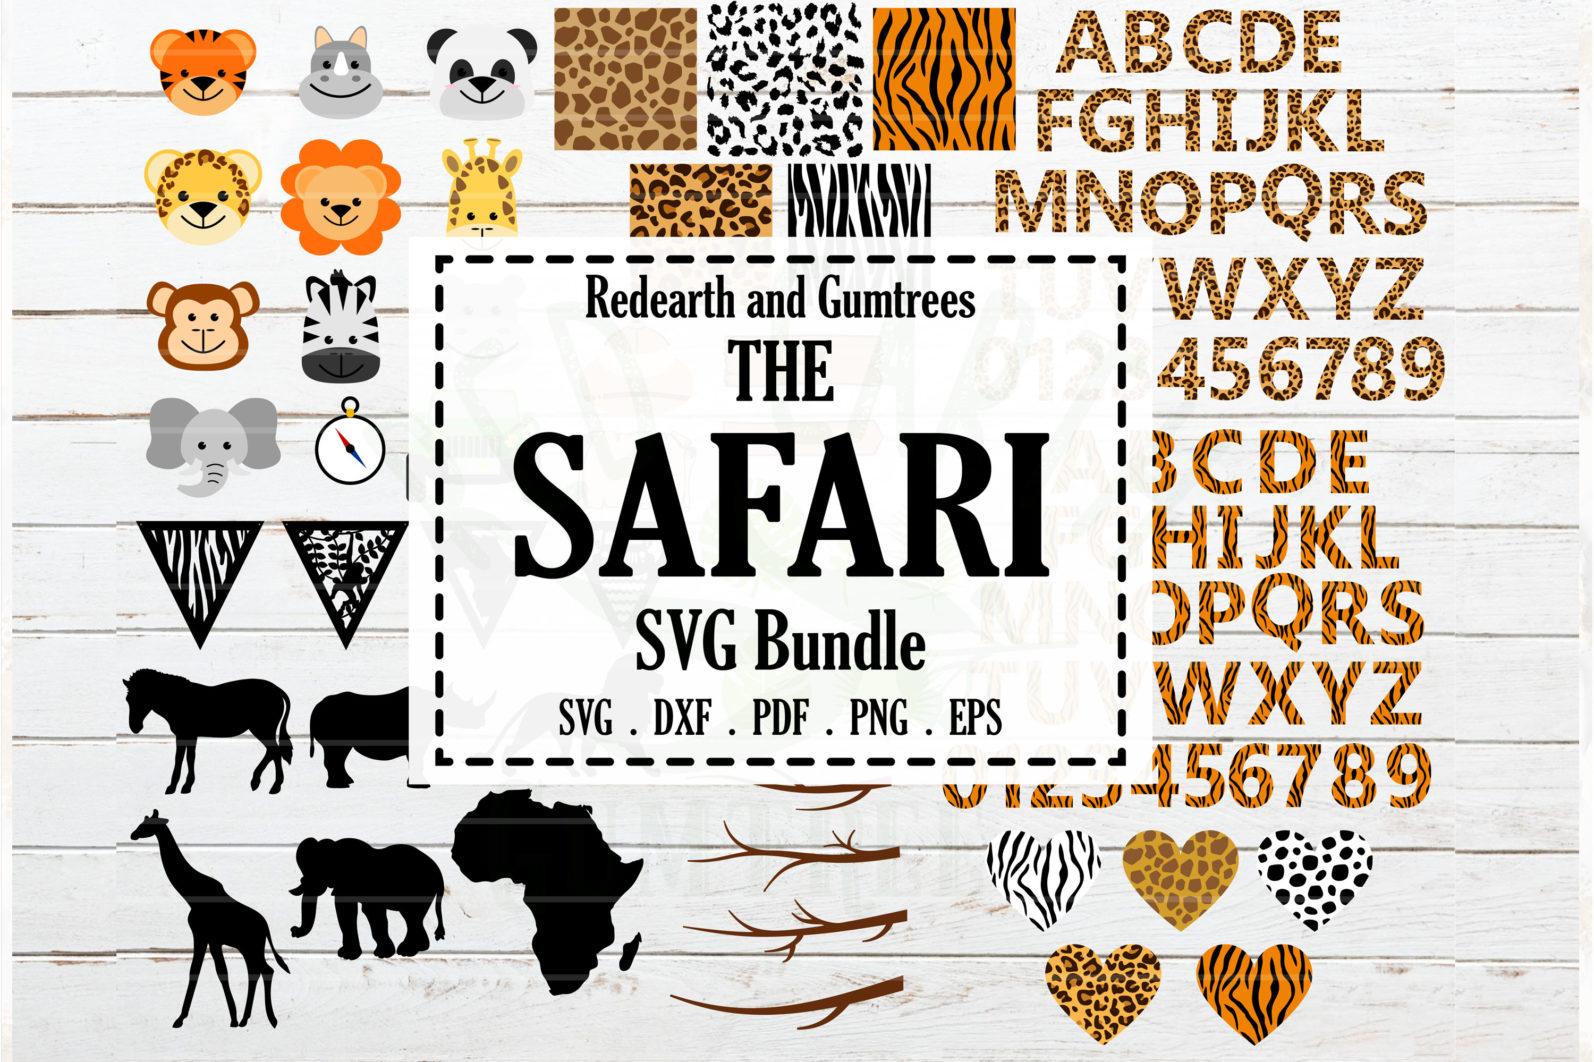 The Mega SVG Bundle Design. More than 650 Designs included in SVG,PNG,DXF,PDF,EPS formats - sarafi svg bundle cheetah pattern tiger patternleopard print letters safari animals svg scaled -